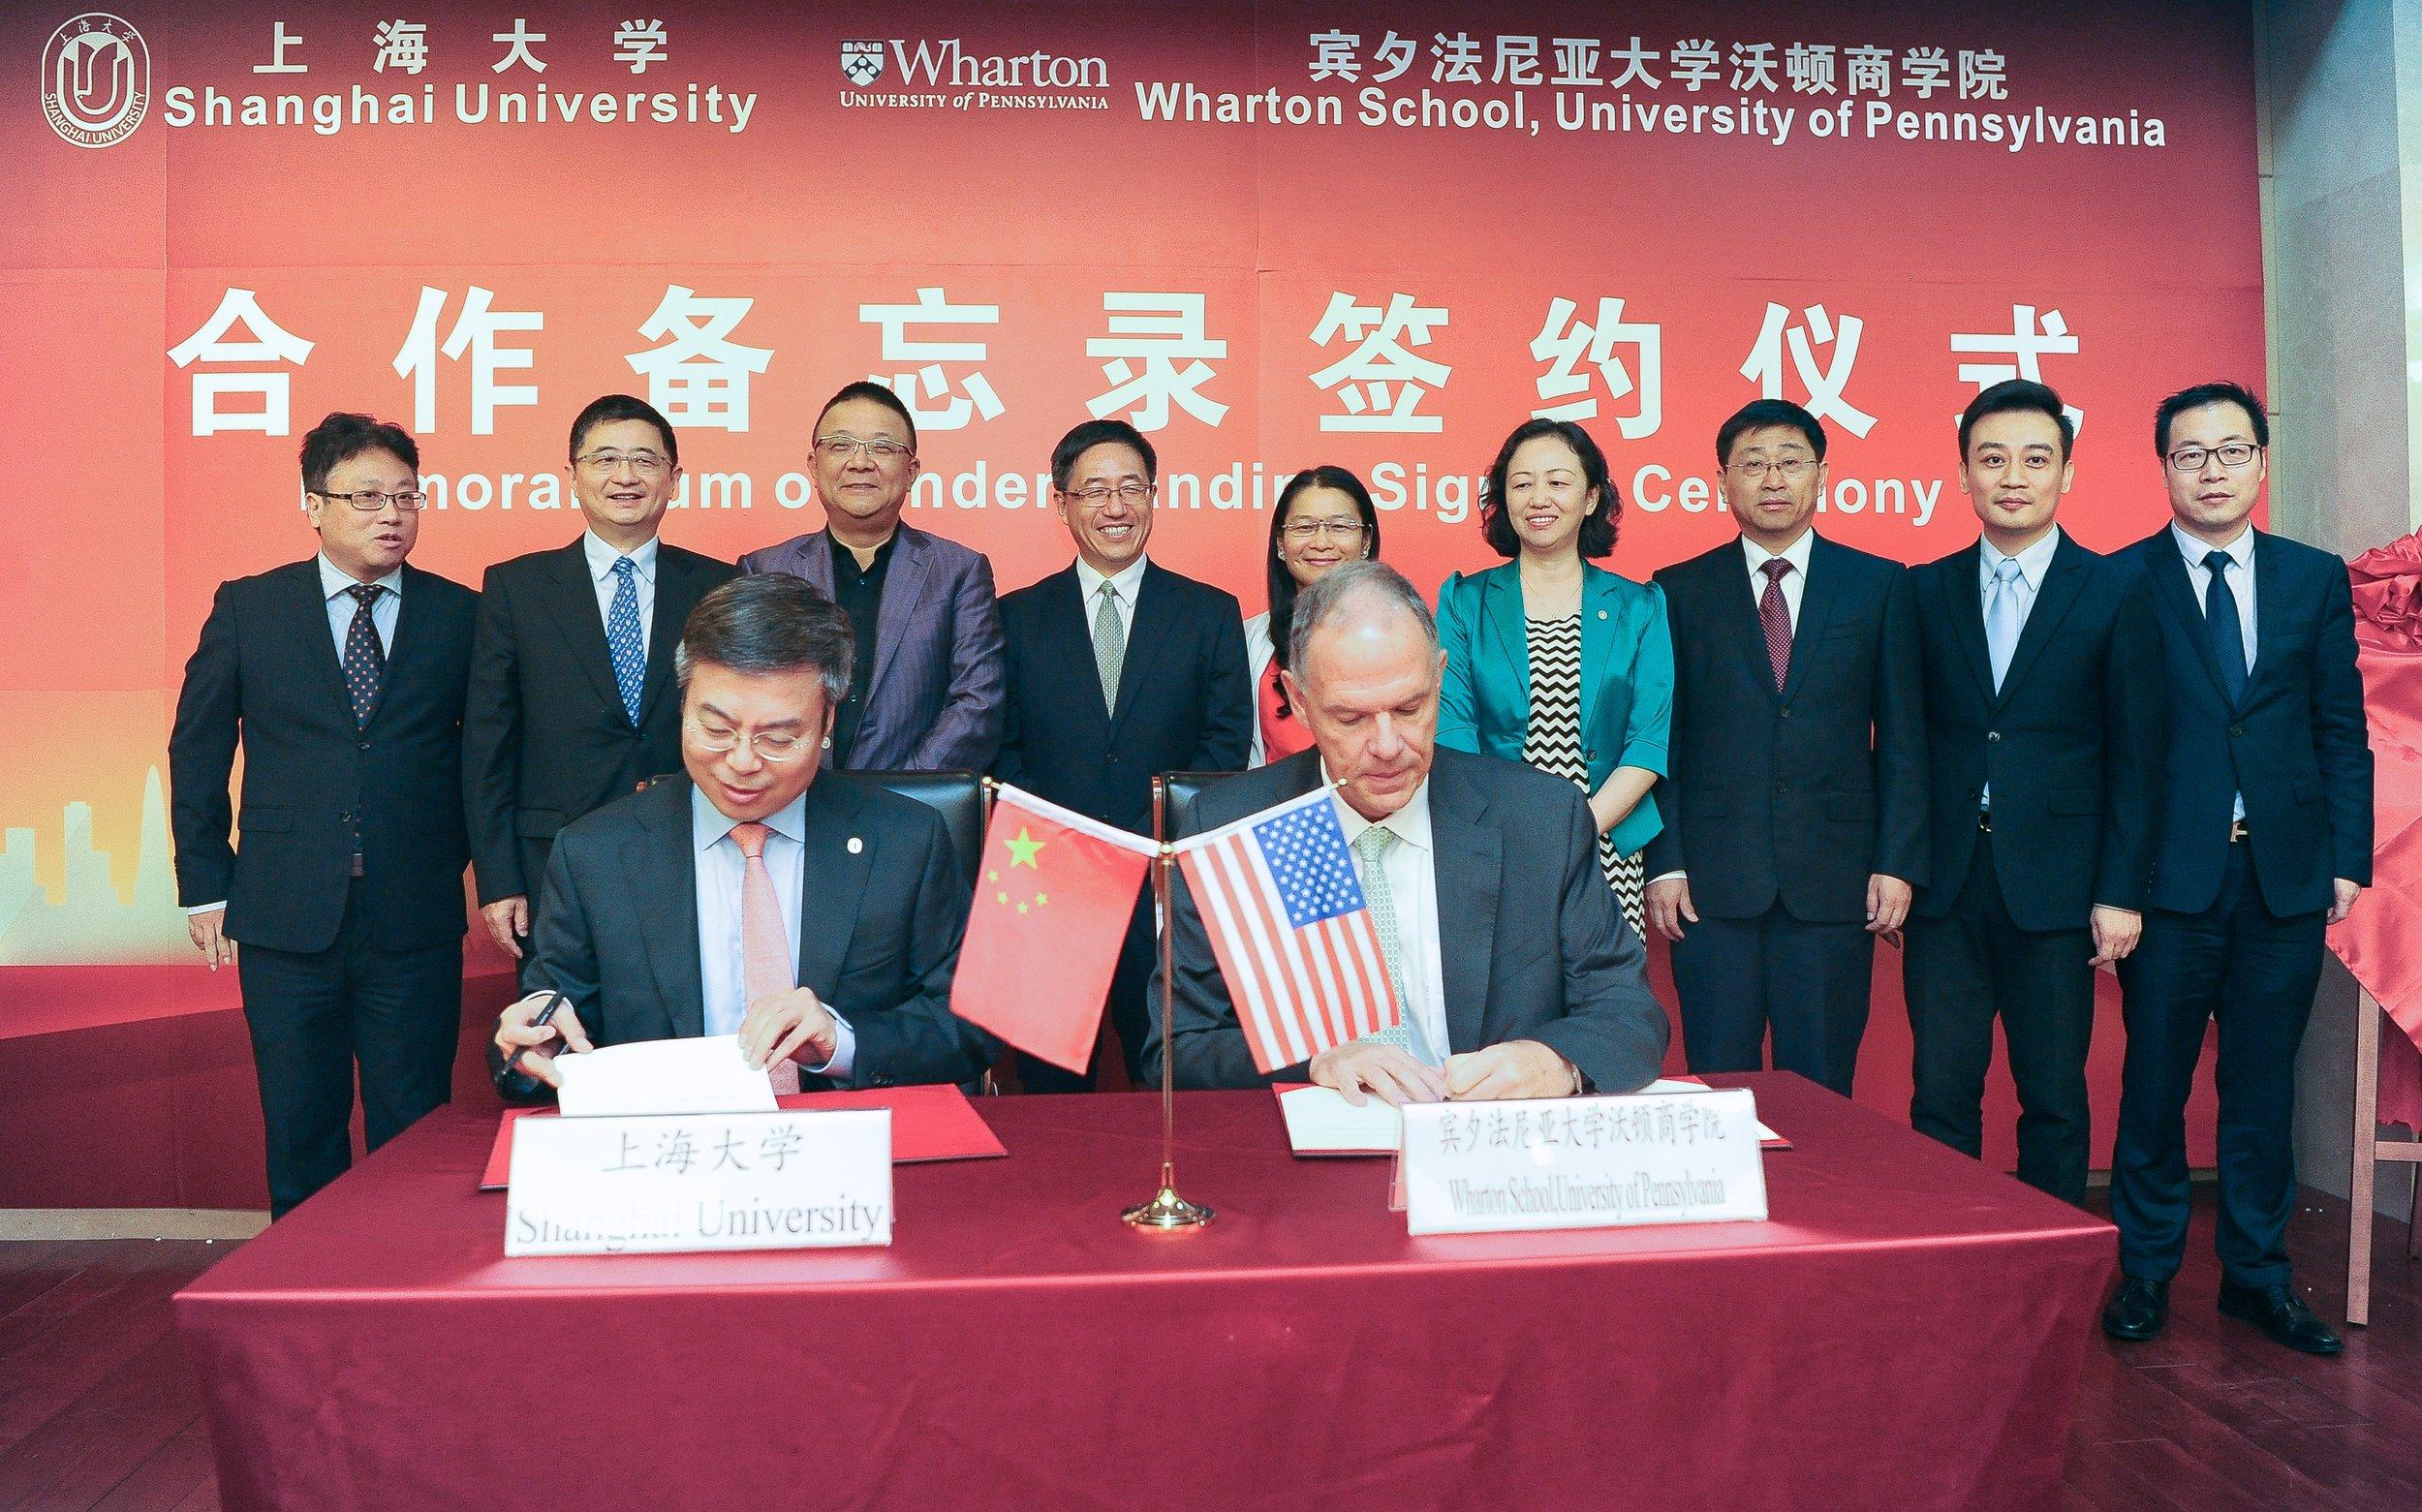 Acuerdo de colaboración entre Warton School y Shanghai University